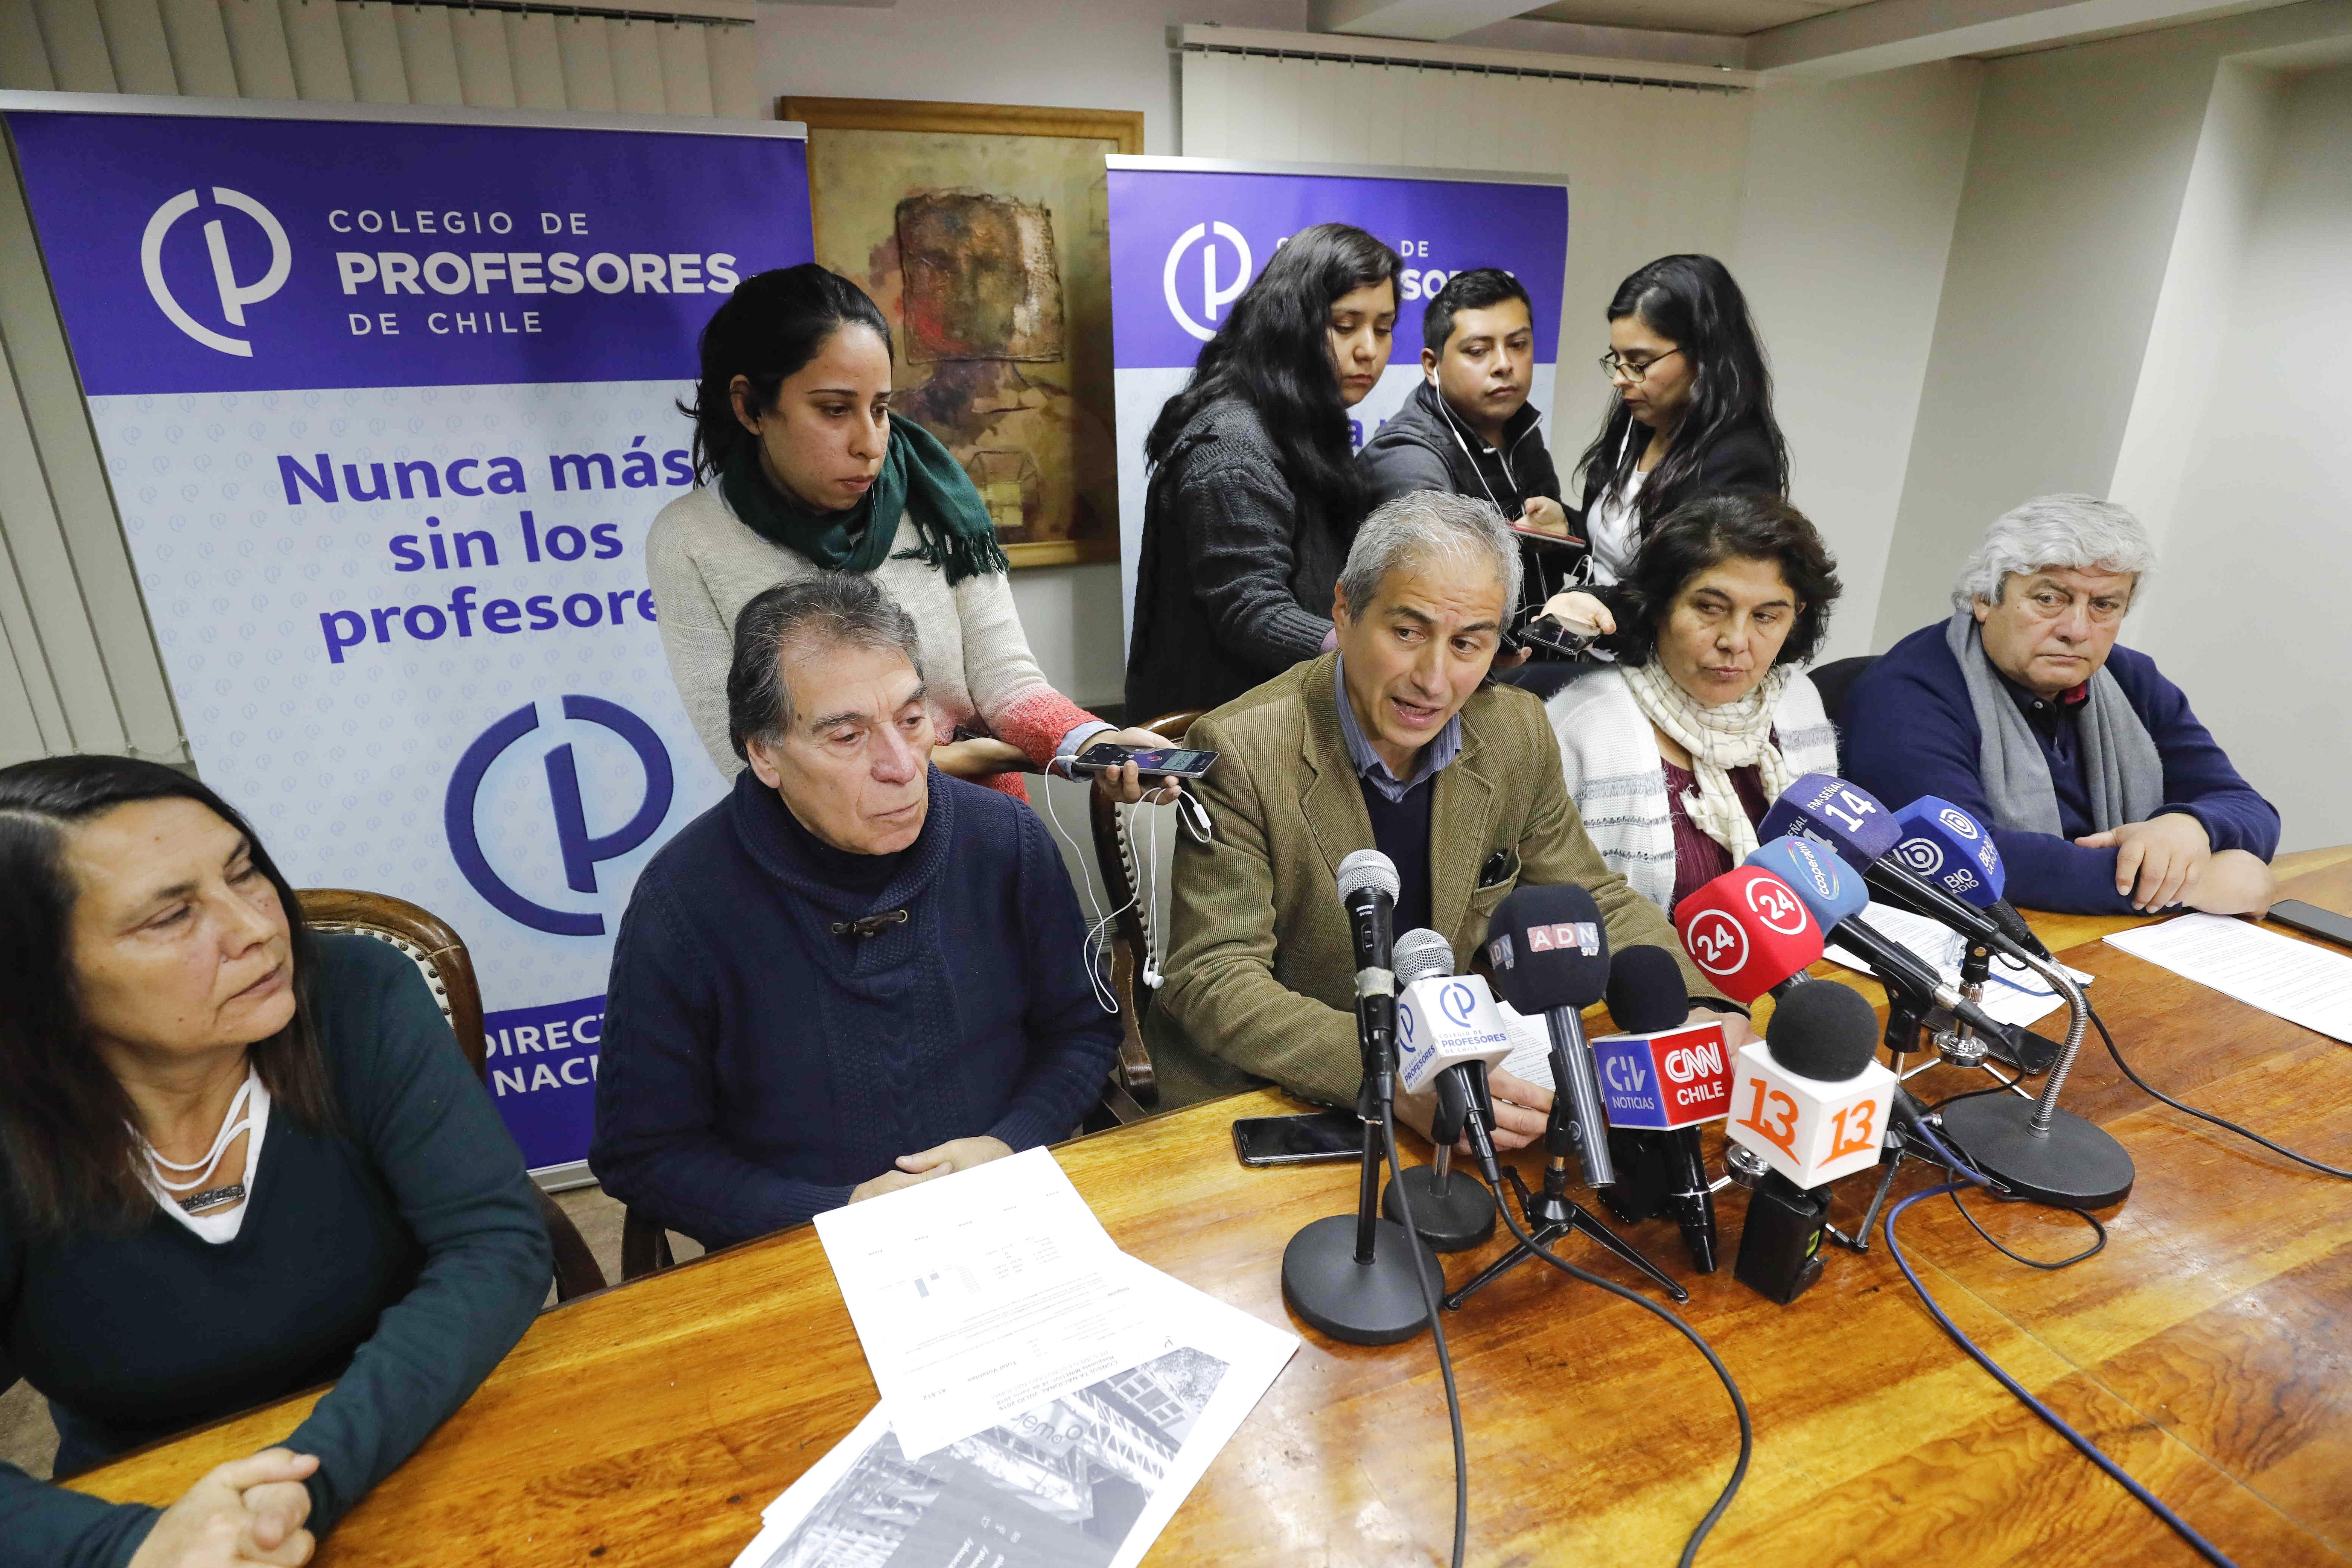 Colegio de Profesores realiza nueva marcha pese a llamado de Piñera para volver a las salas de clases